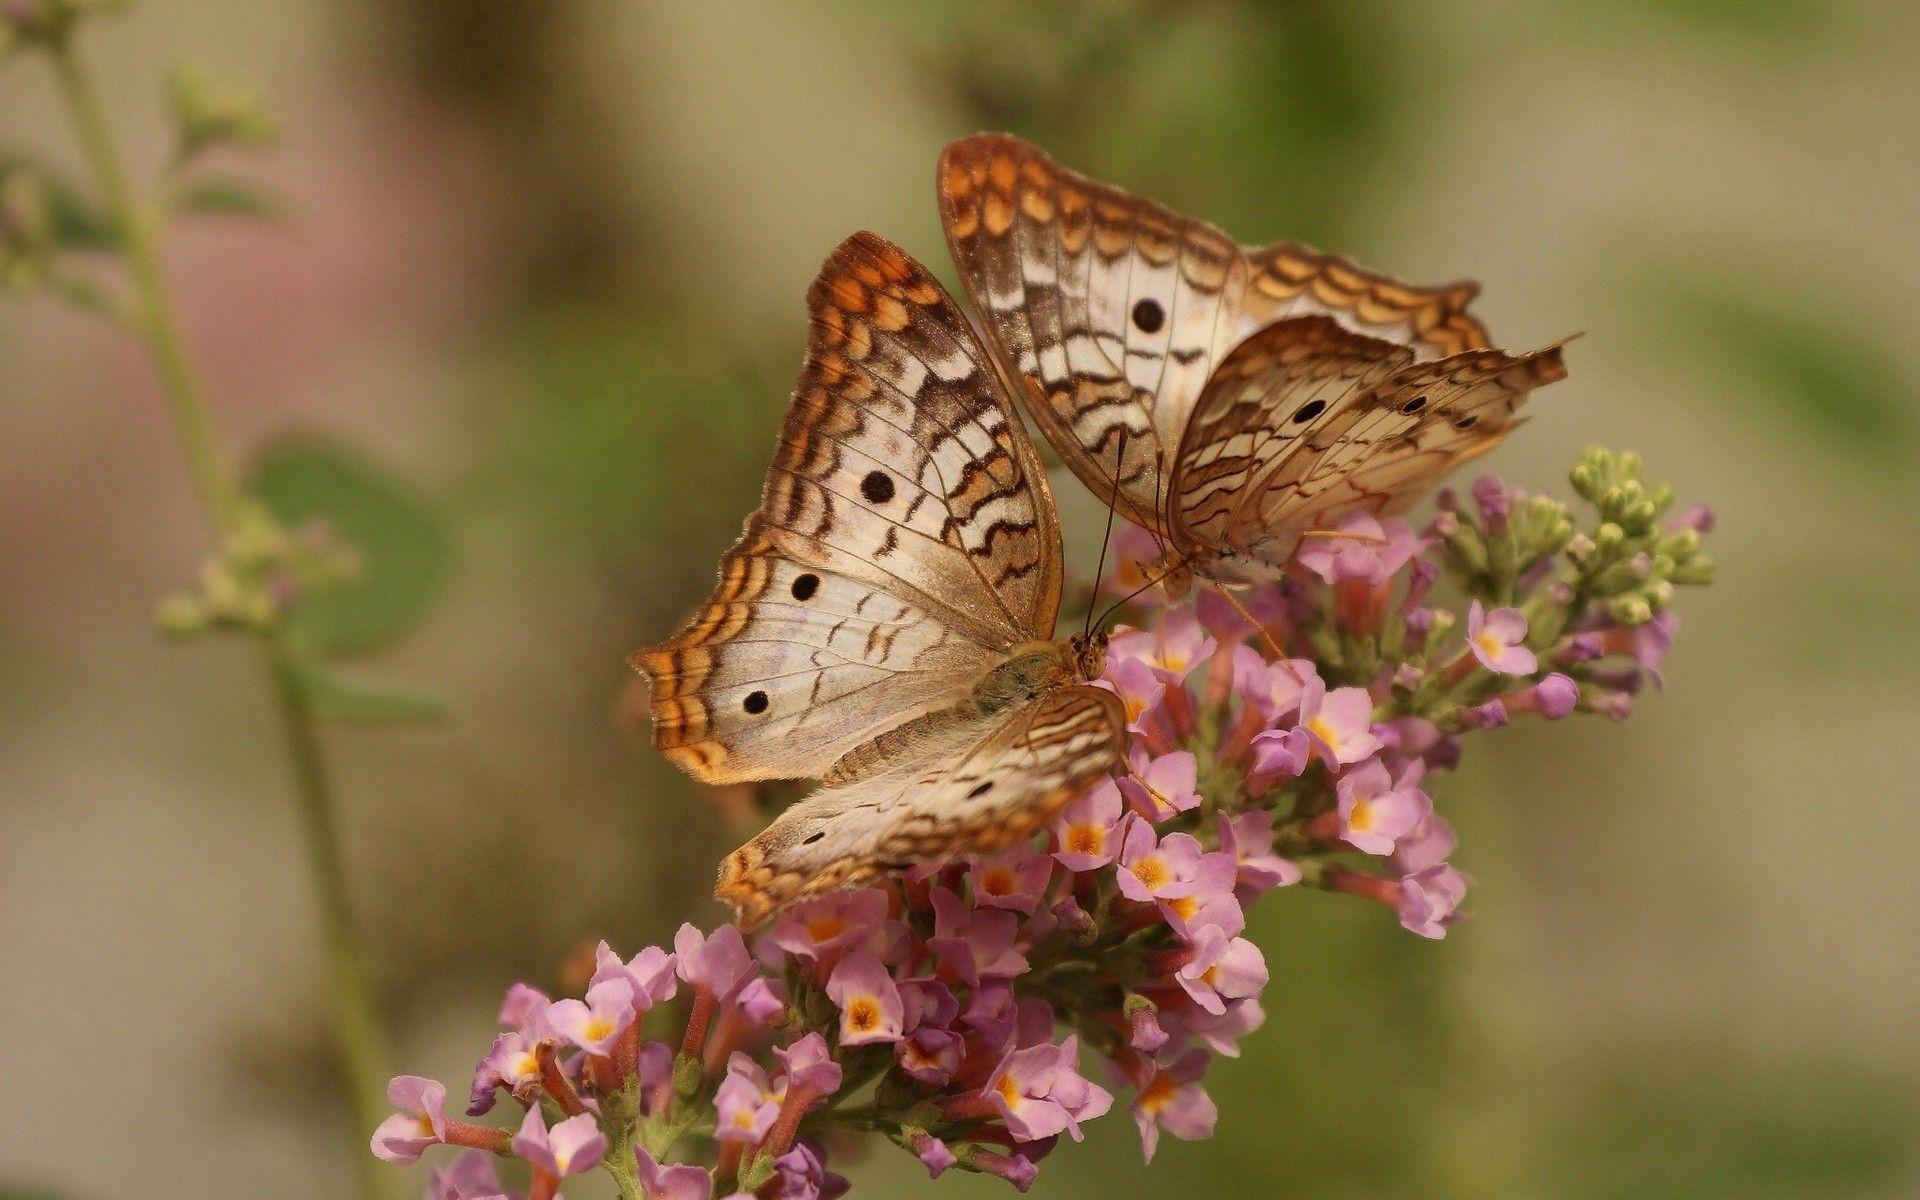 137134 Hintergrundbild herunterladen Blumen, Schmetterlinge, Patterns, Makro, Paar, Flügel - Bildschirmschoner und Bilder kostenlos